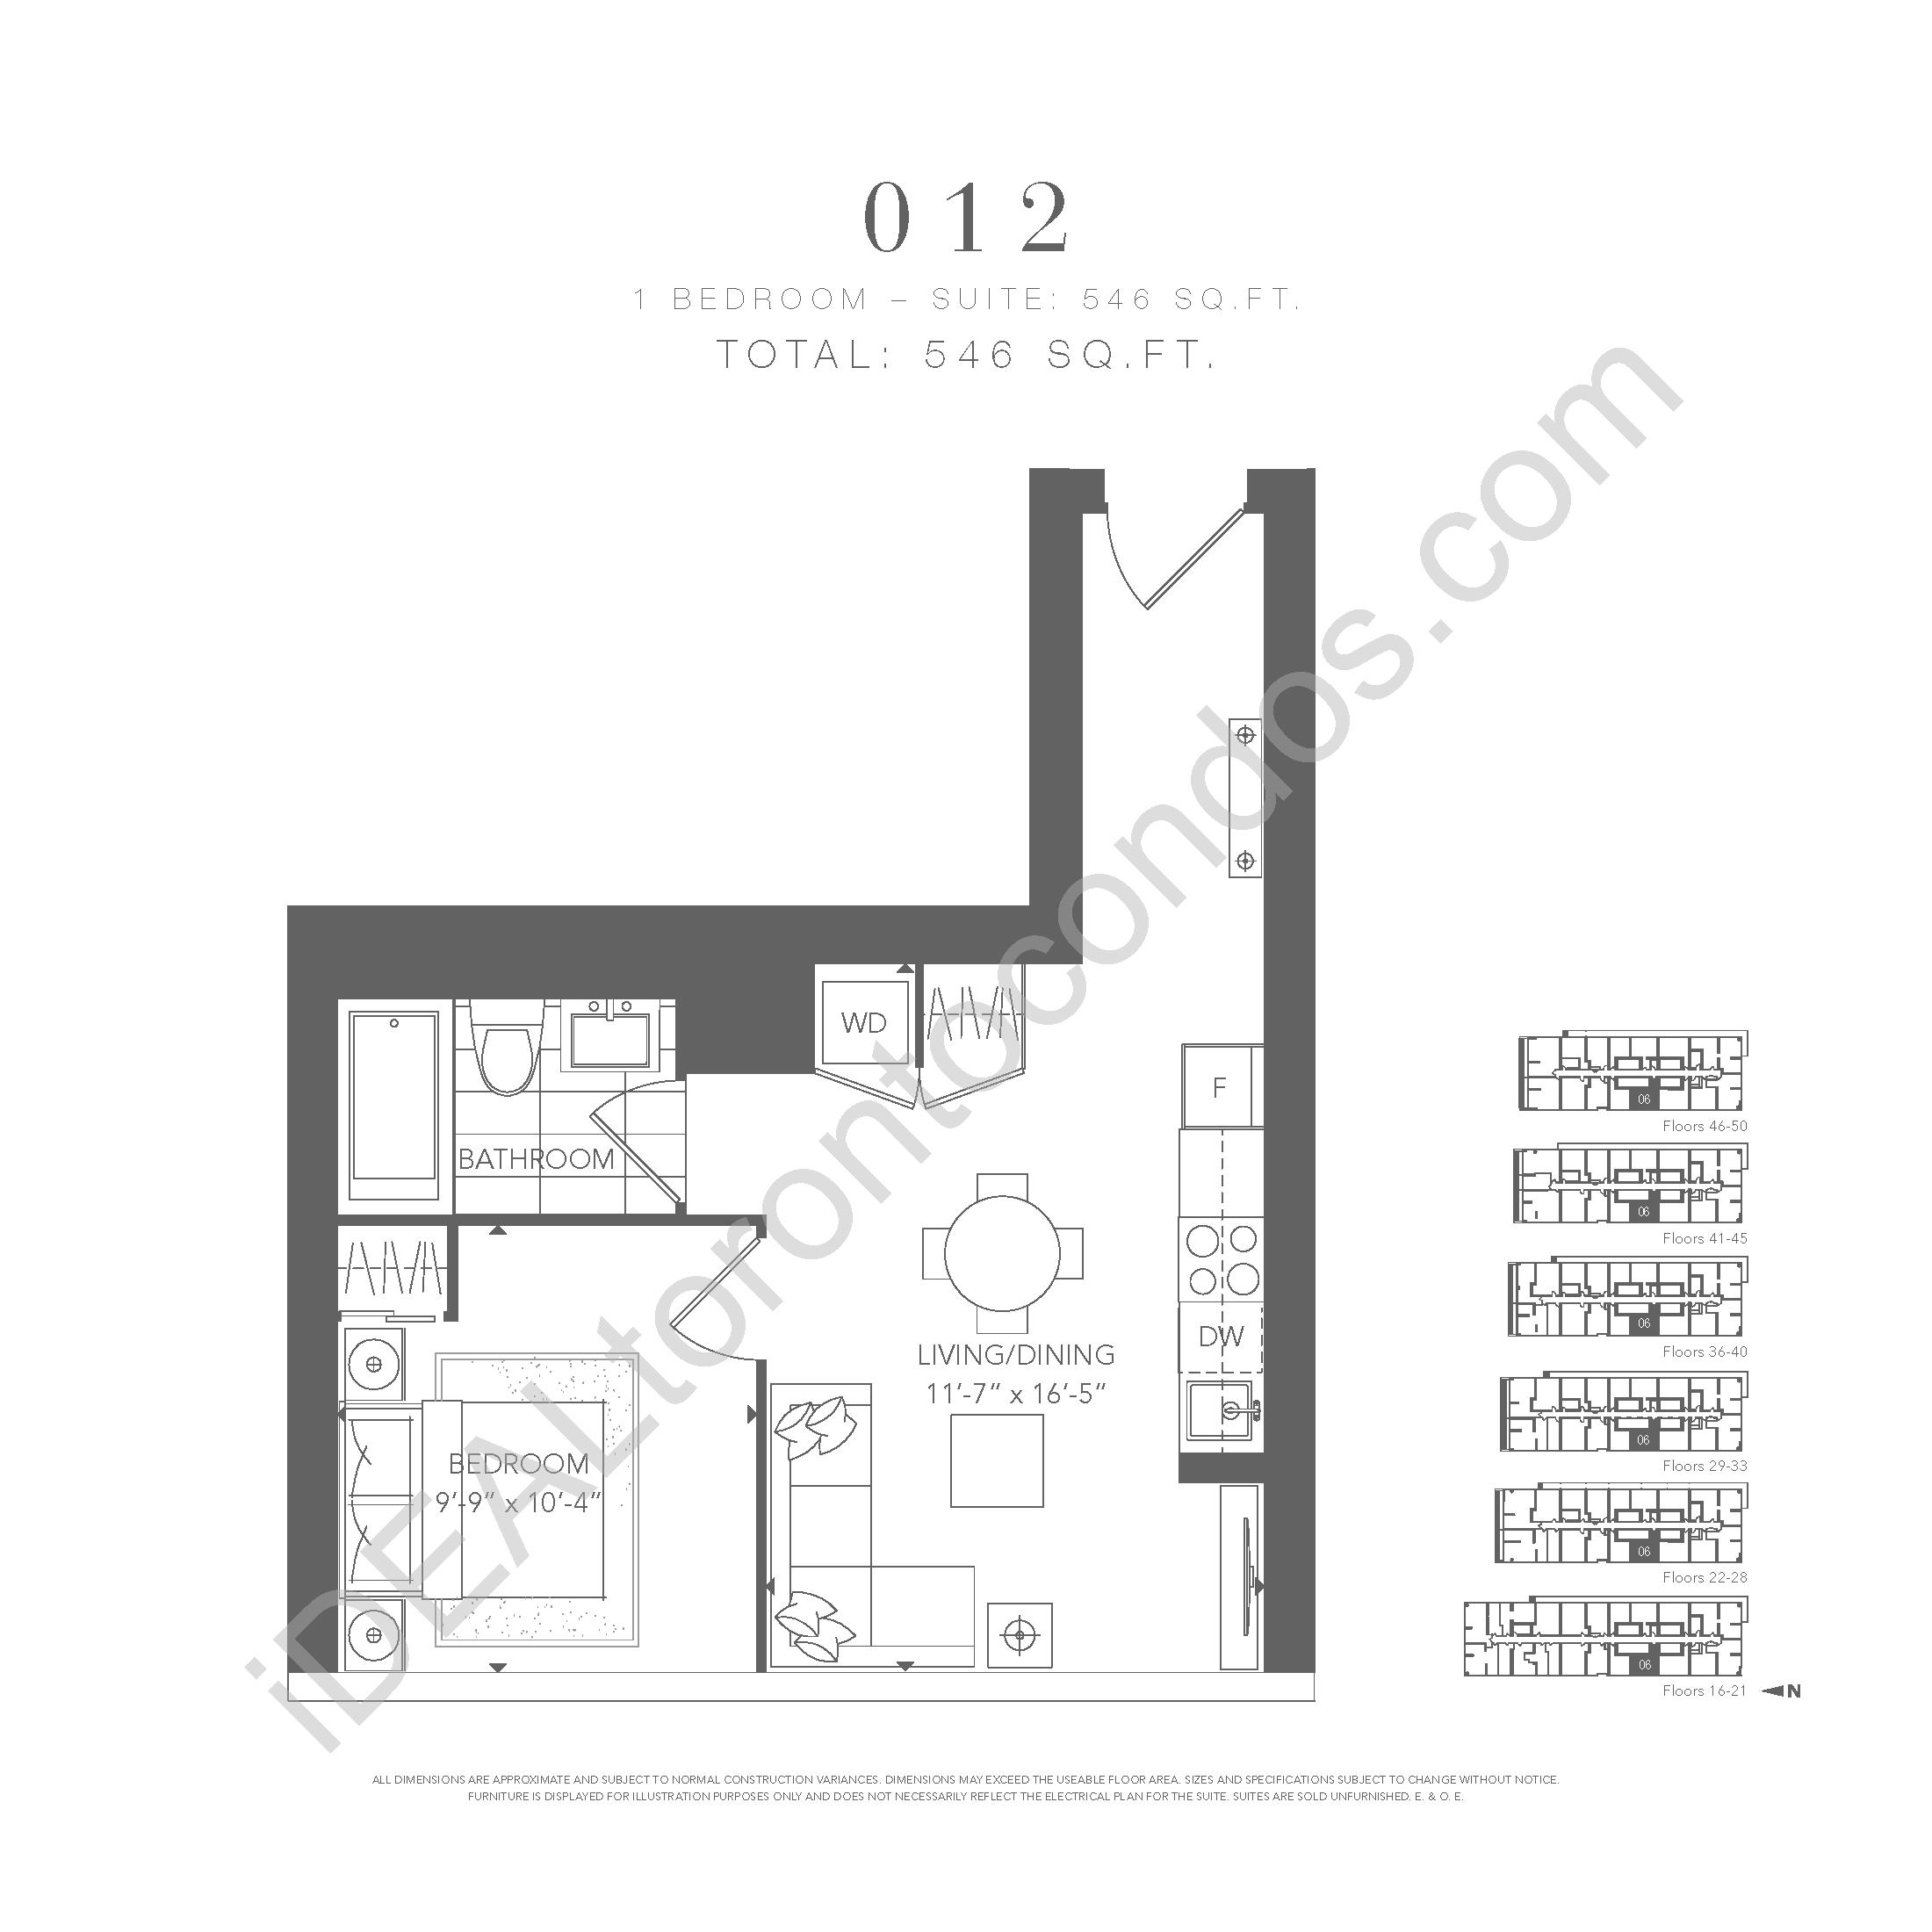 1 bedroom 012